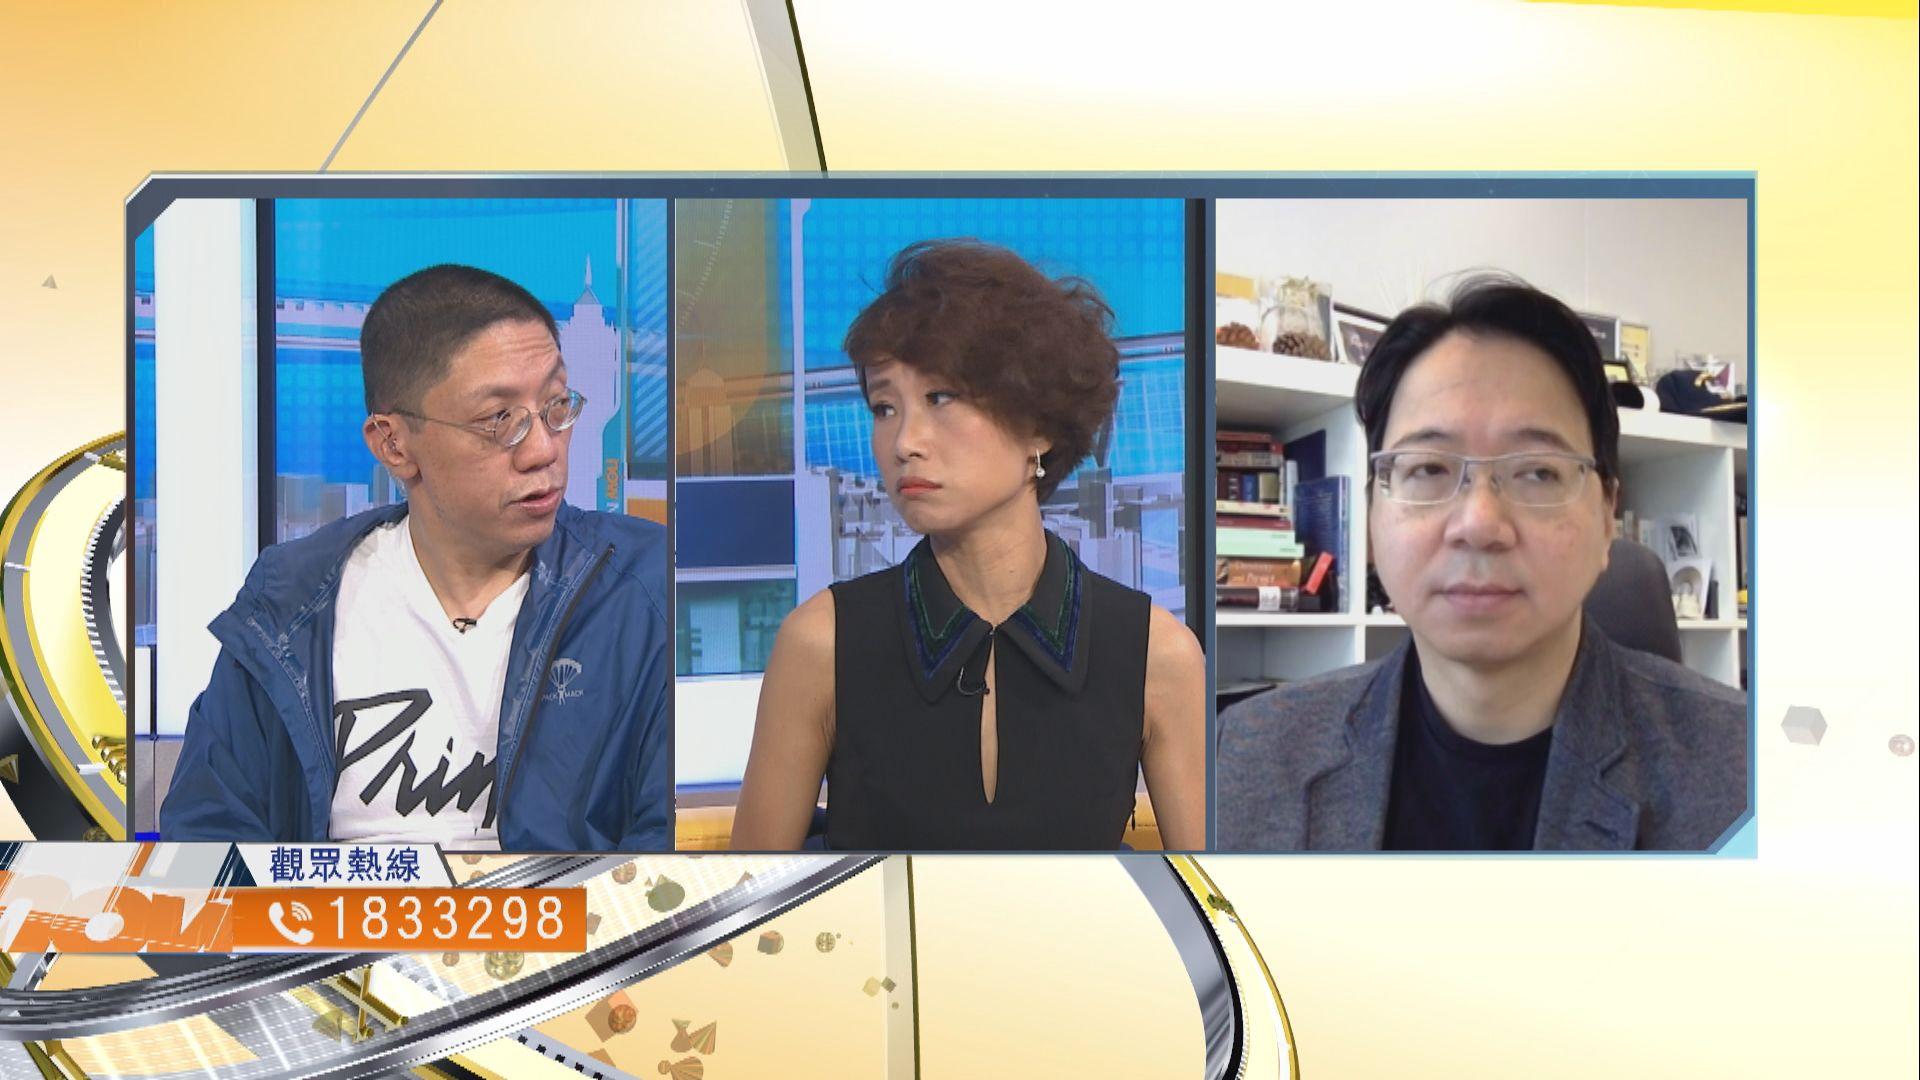 【時事全方位】美取消本港特殊待遇衝擊有多大?(二)